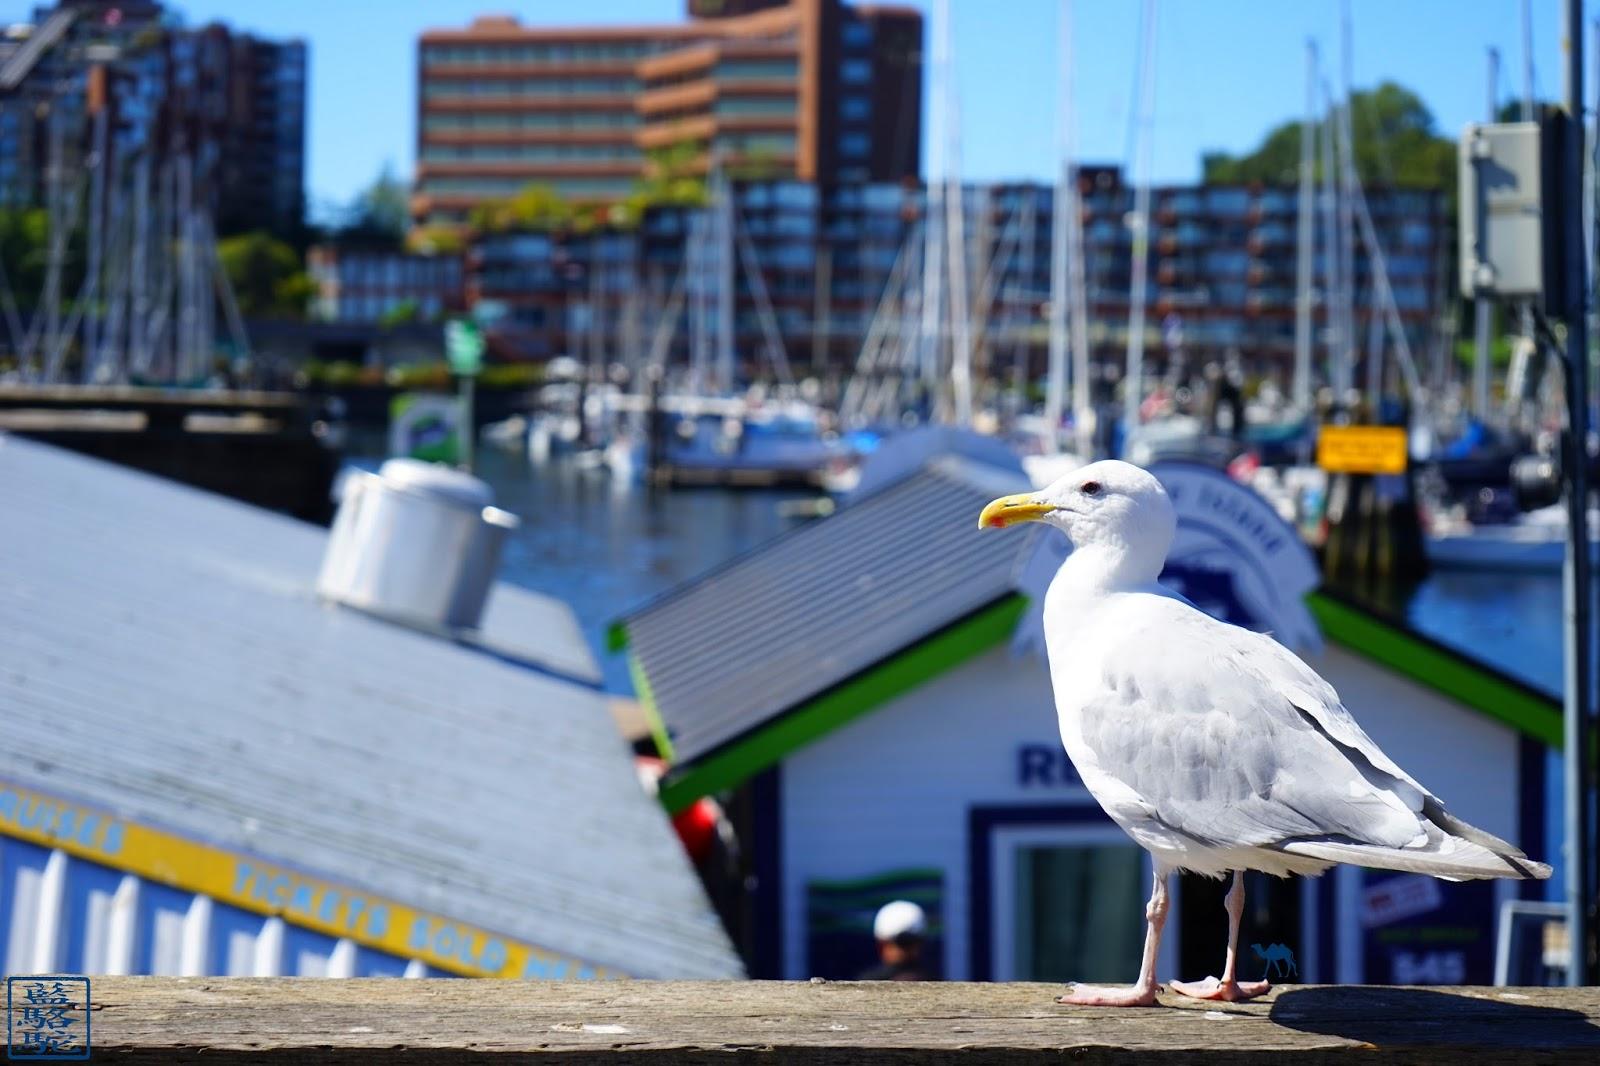 Le Chameau Bleu - Mouette de Granville Island - Vancouver